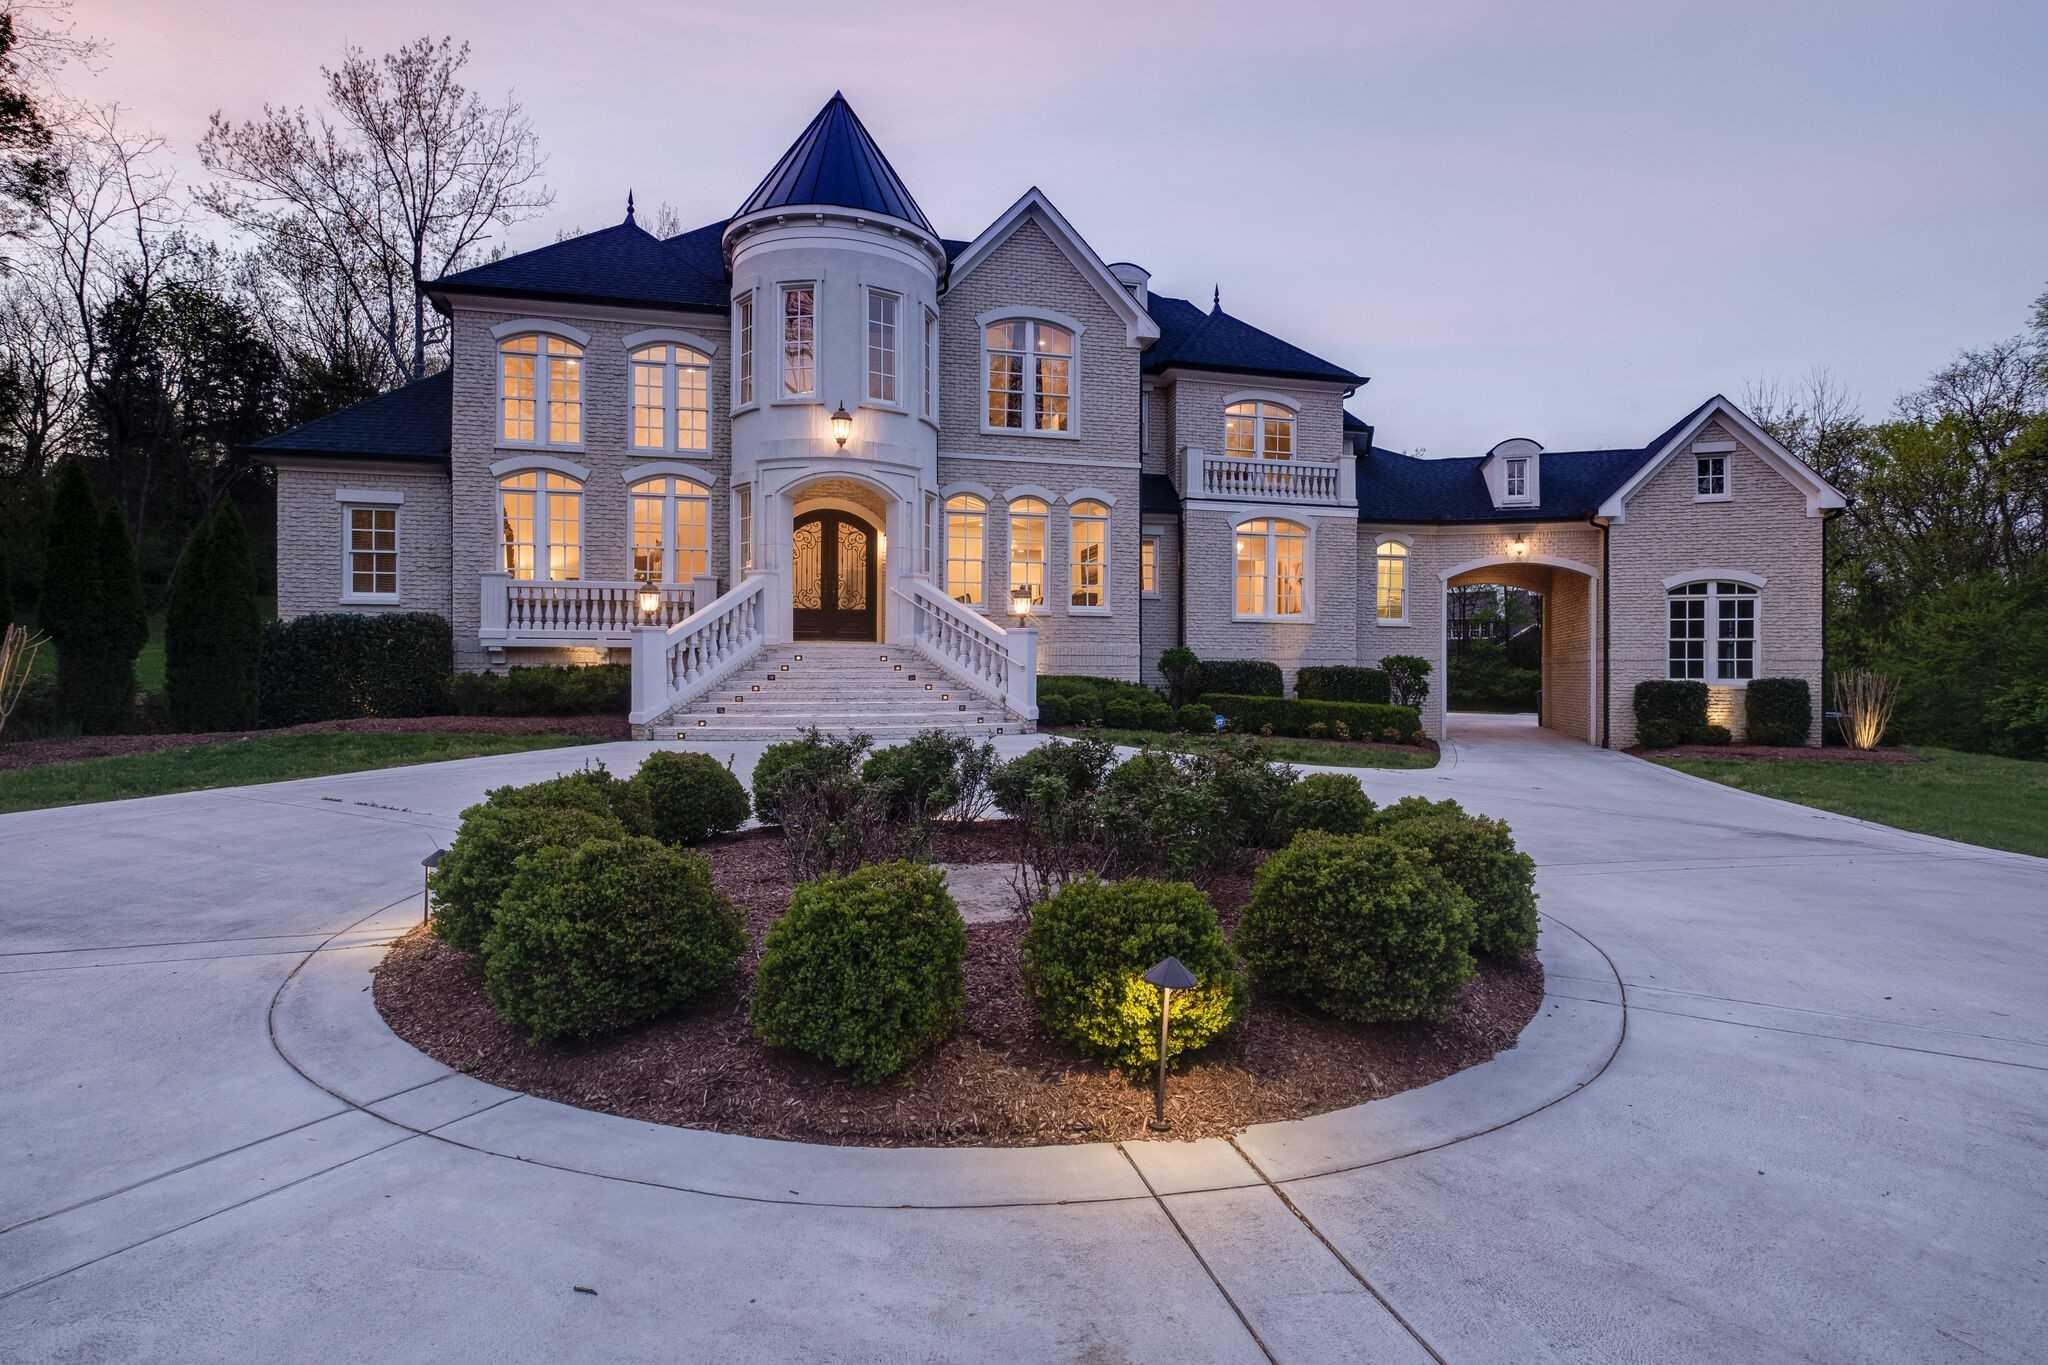 $3,800,000 - 5Br/7Ba -  for Sale in Laurelbrooke Sec 12-b, Franklin